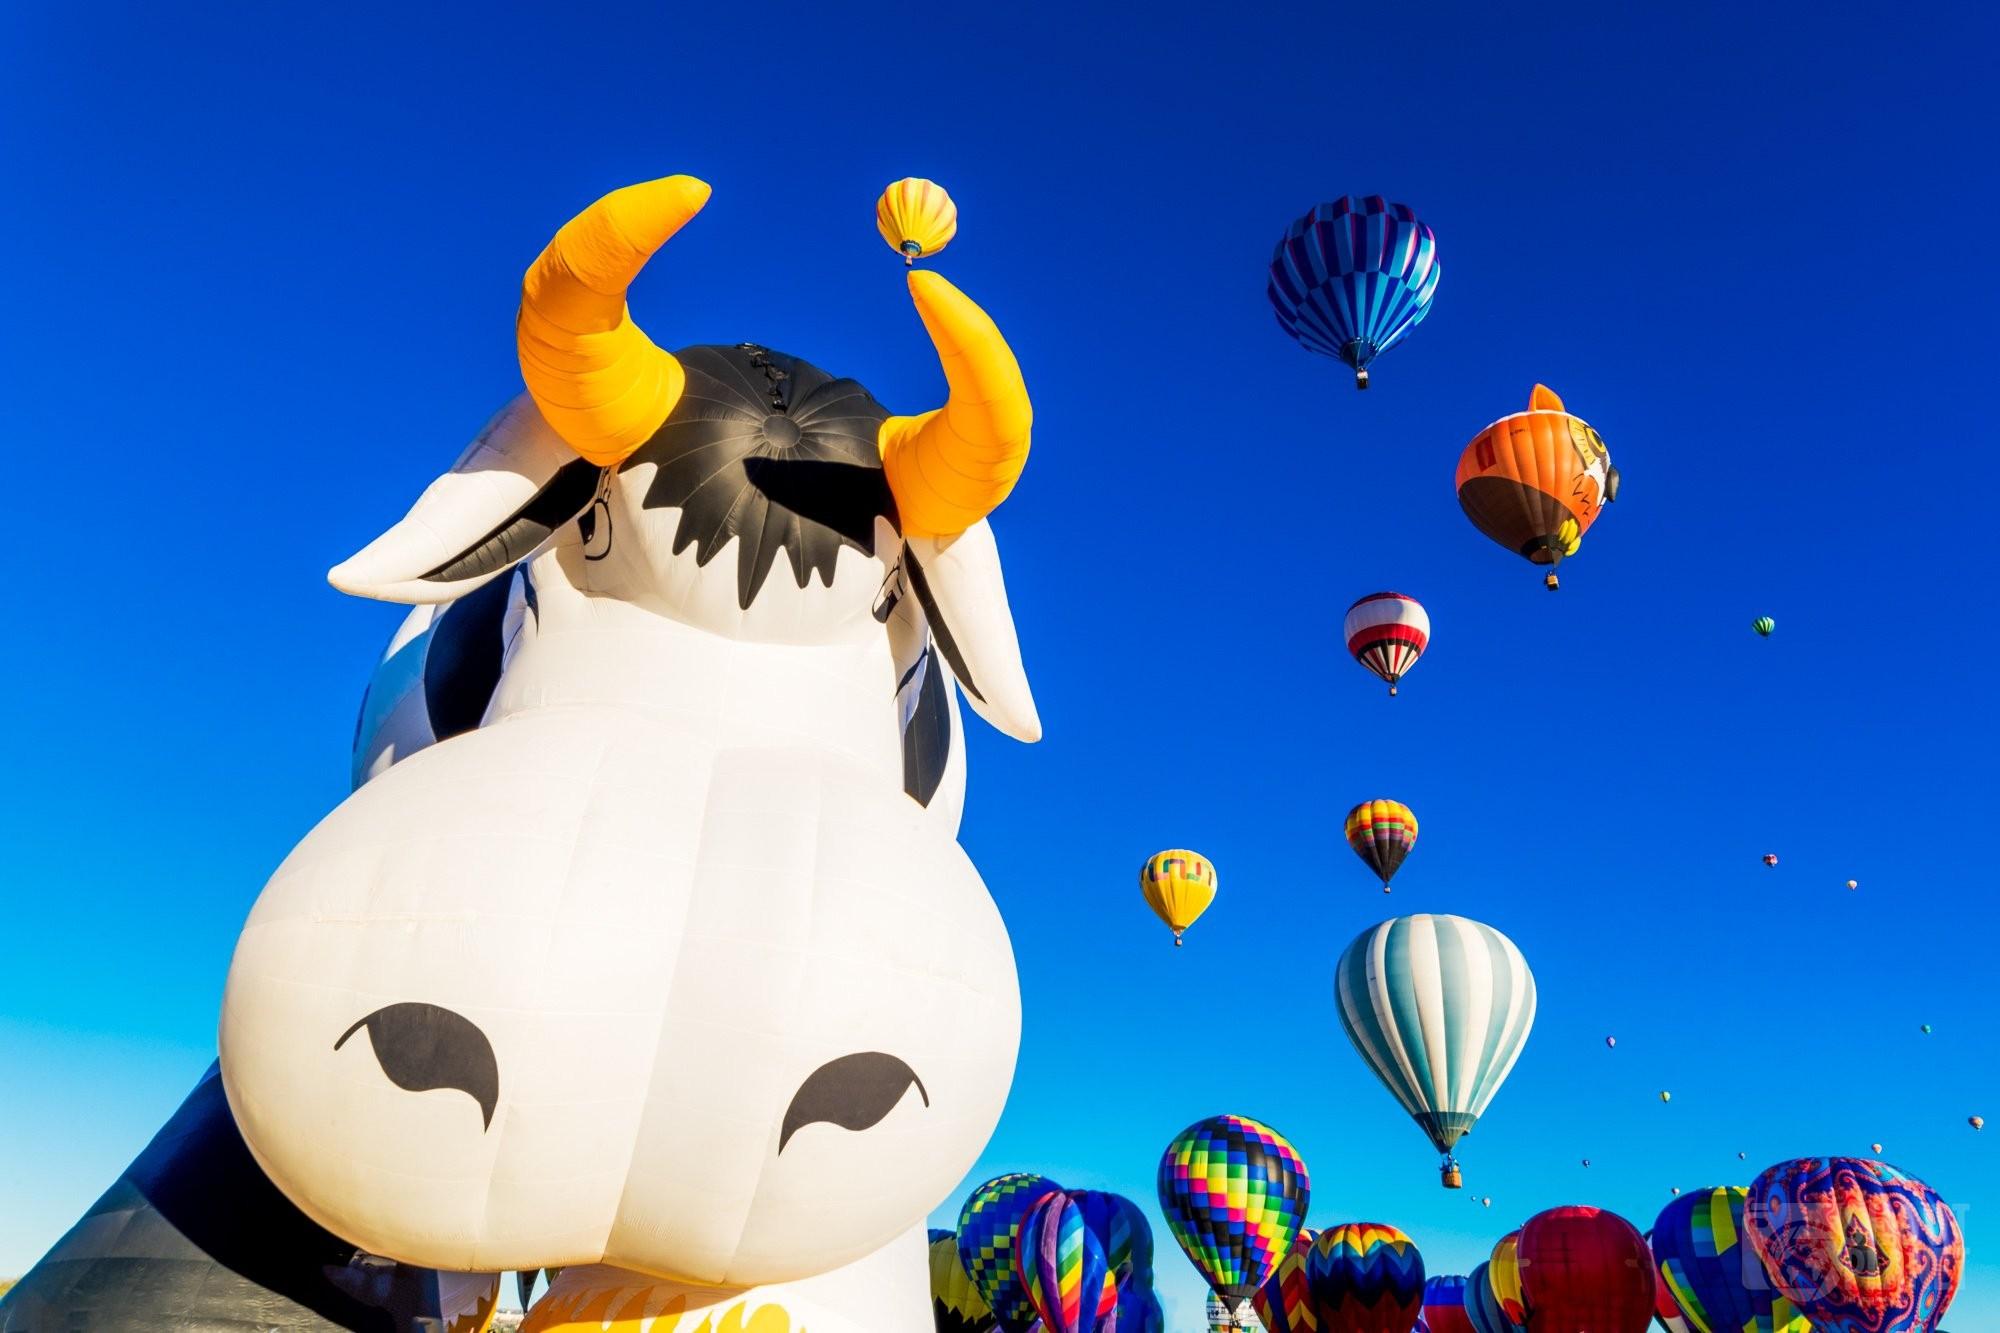 Funny cow balloon in Albuquerque, USA